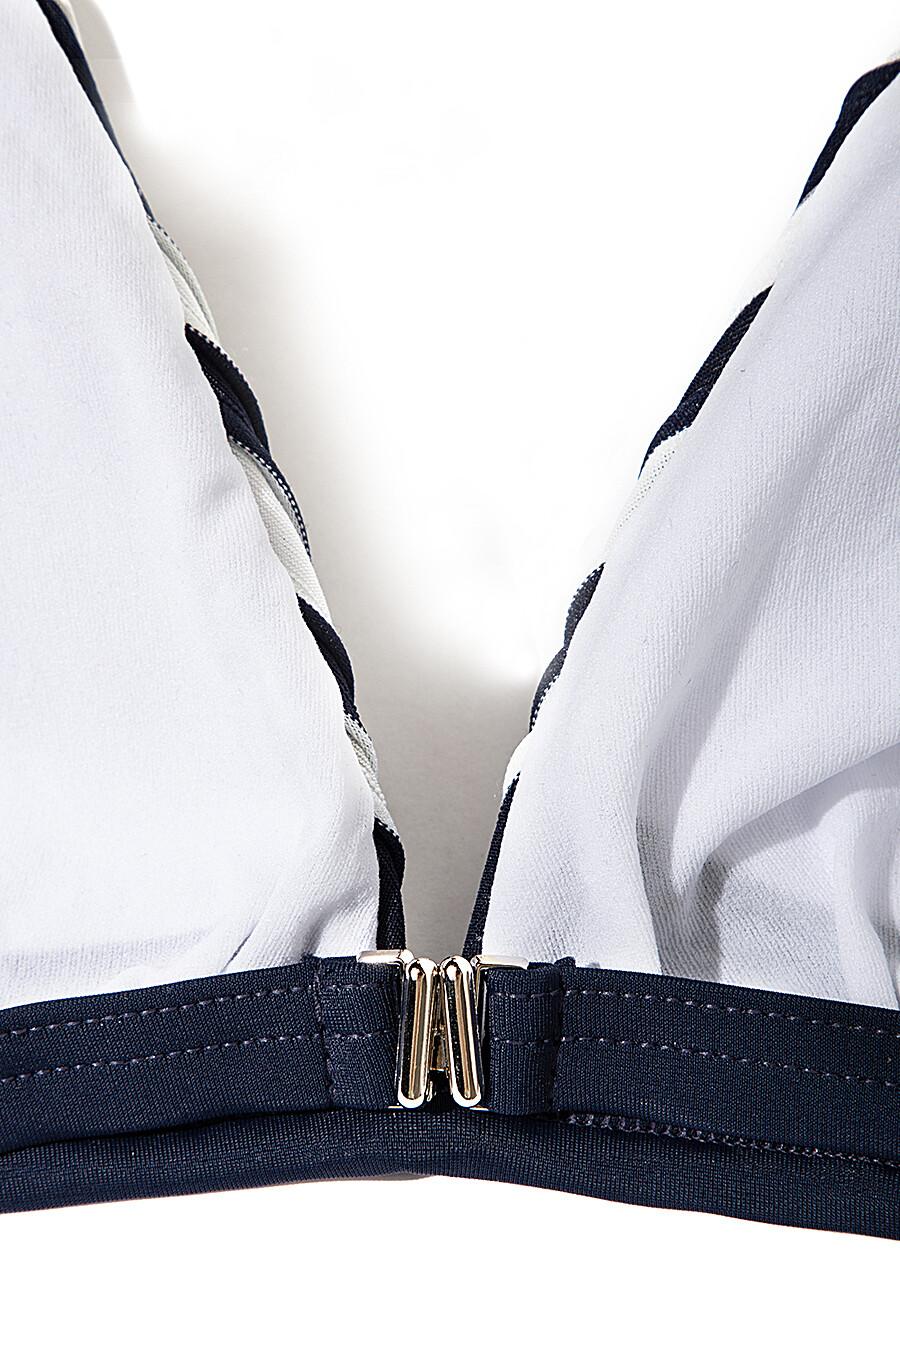 Бюстгальтер для женщин ESLI 124308 купить оптом от производителя. Совместная покупка женской одежды в OptMoyo